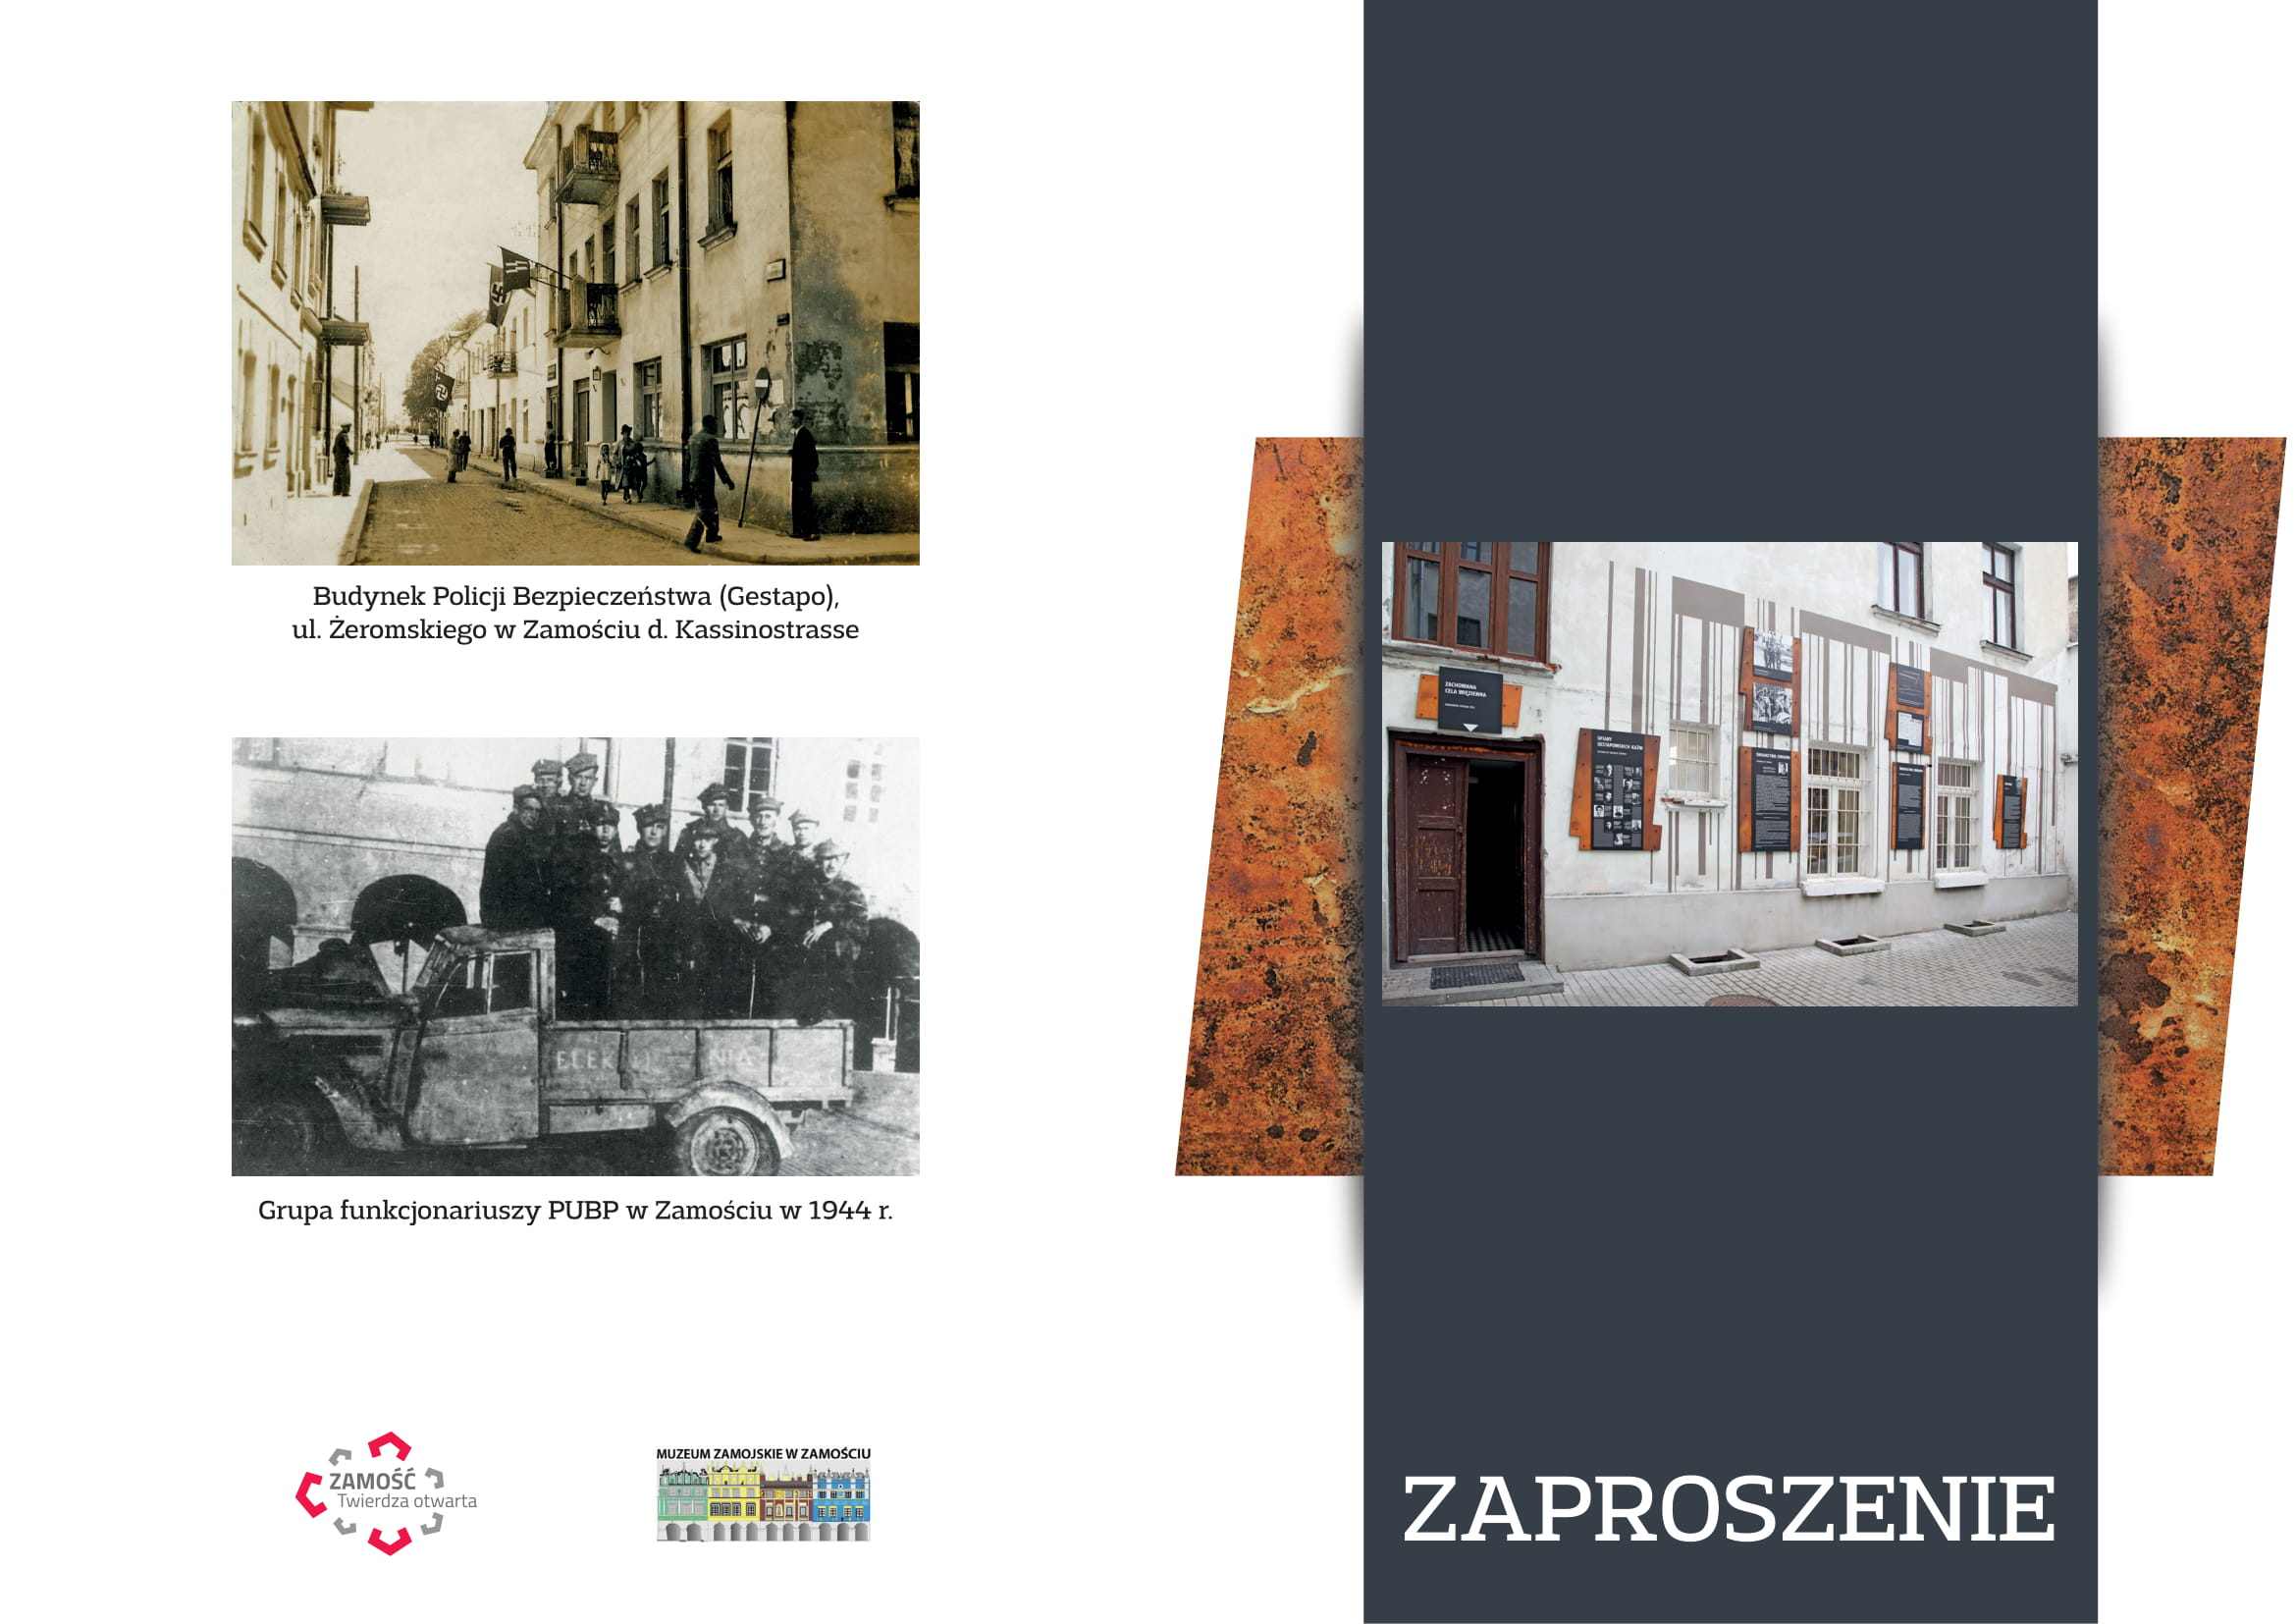 kamienica czerskiego zaproszenie 1 Otwarcie wystawy